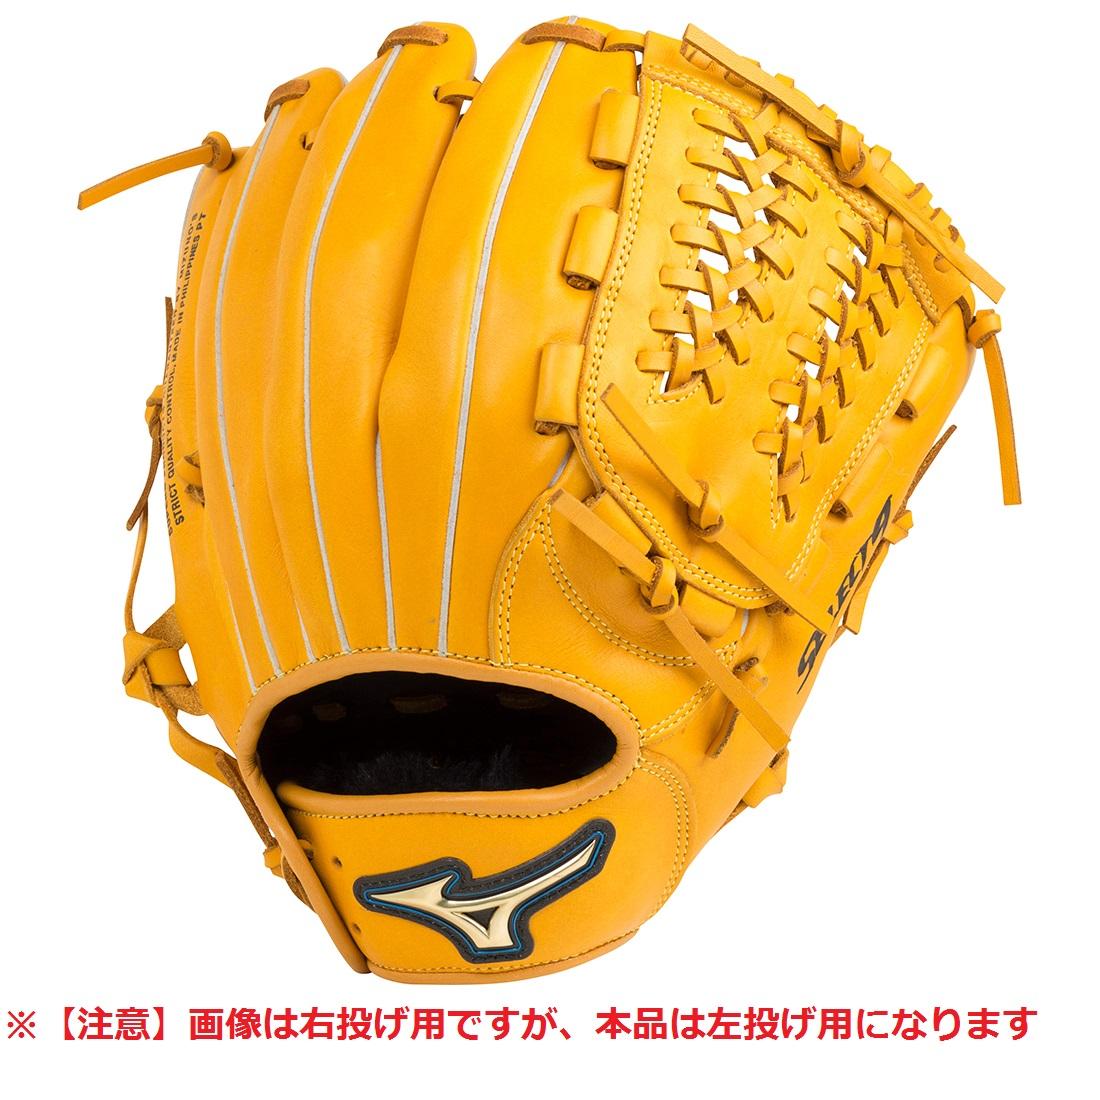 【送料無料】 MIZUNO (ミズノ) 野球 左利き少年グローブ ショウネンNB セレクト9 ボーイズ ナチュラル 1AJGY20850 47H